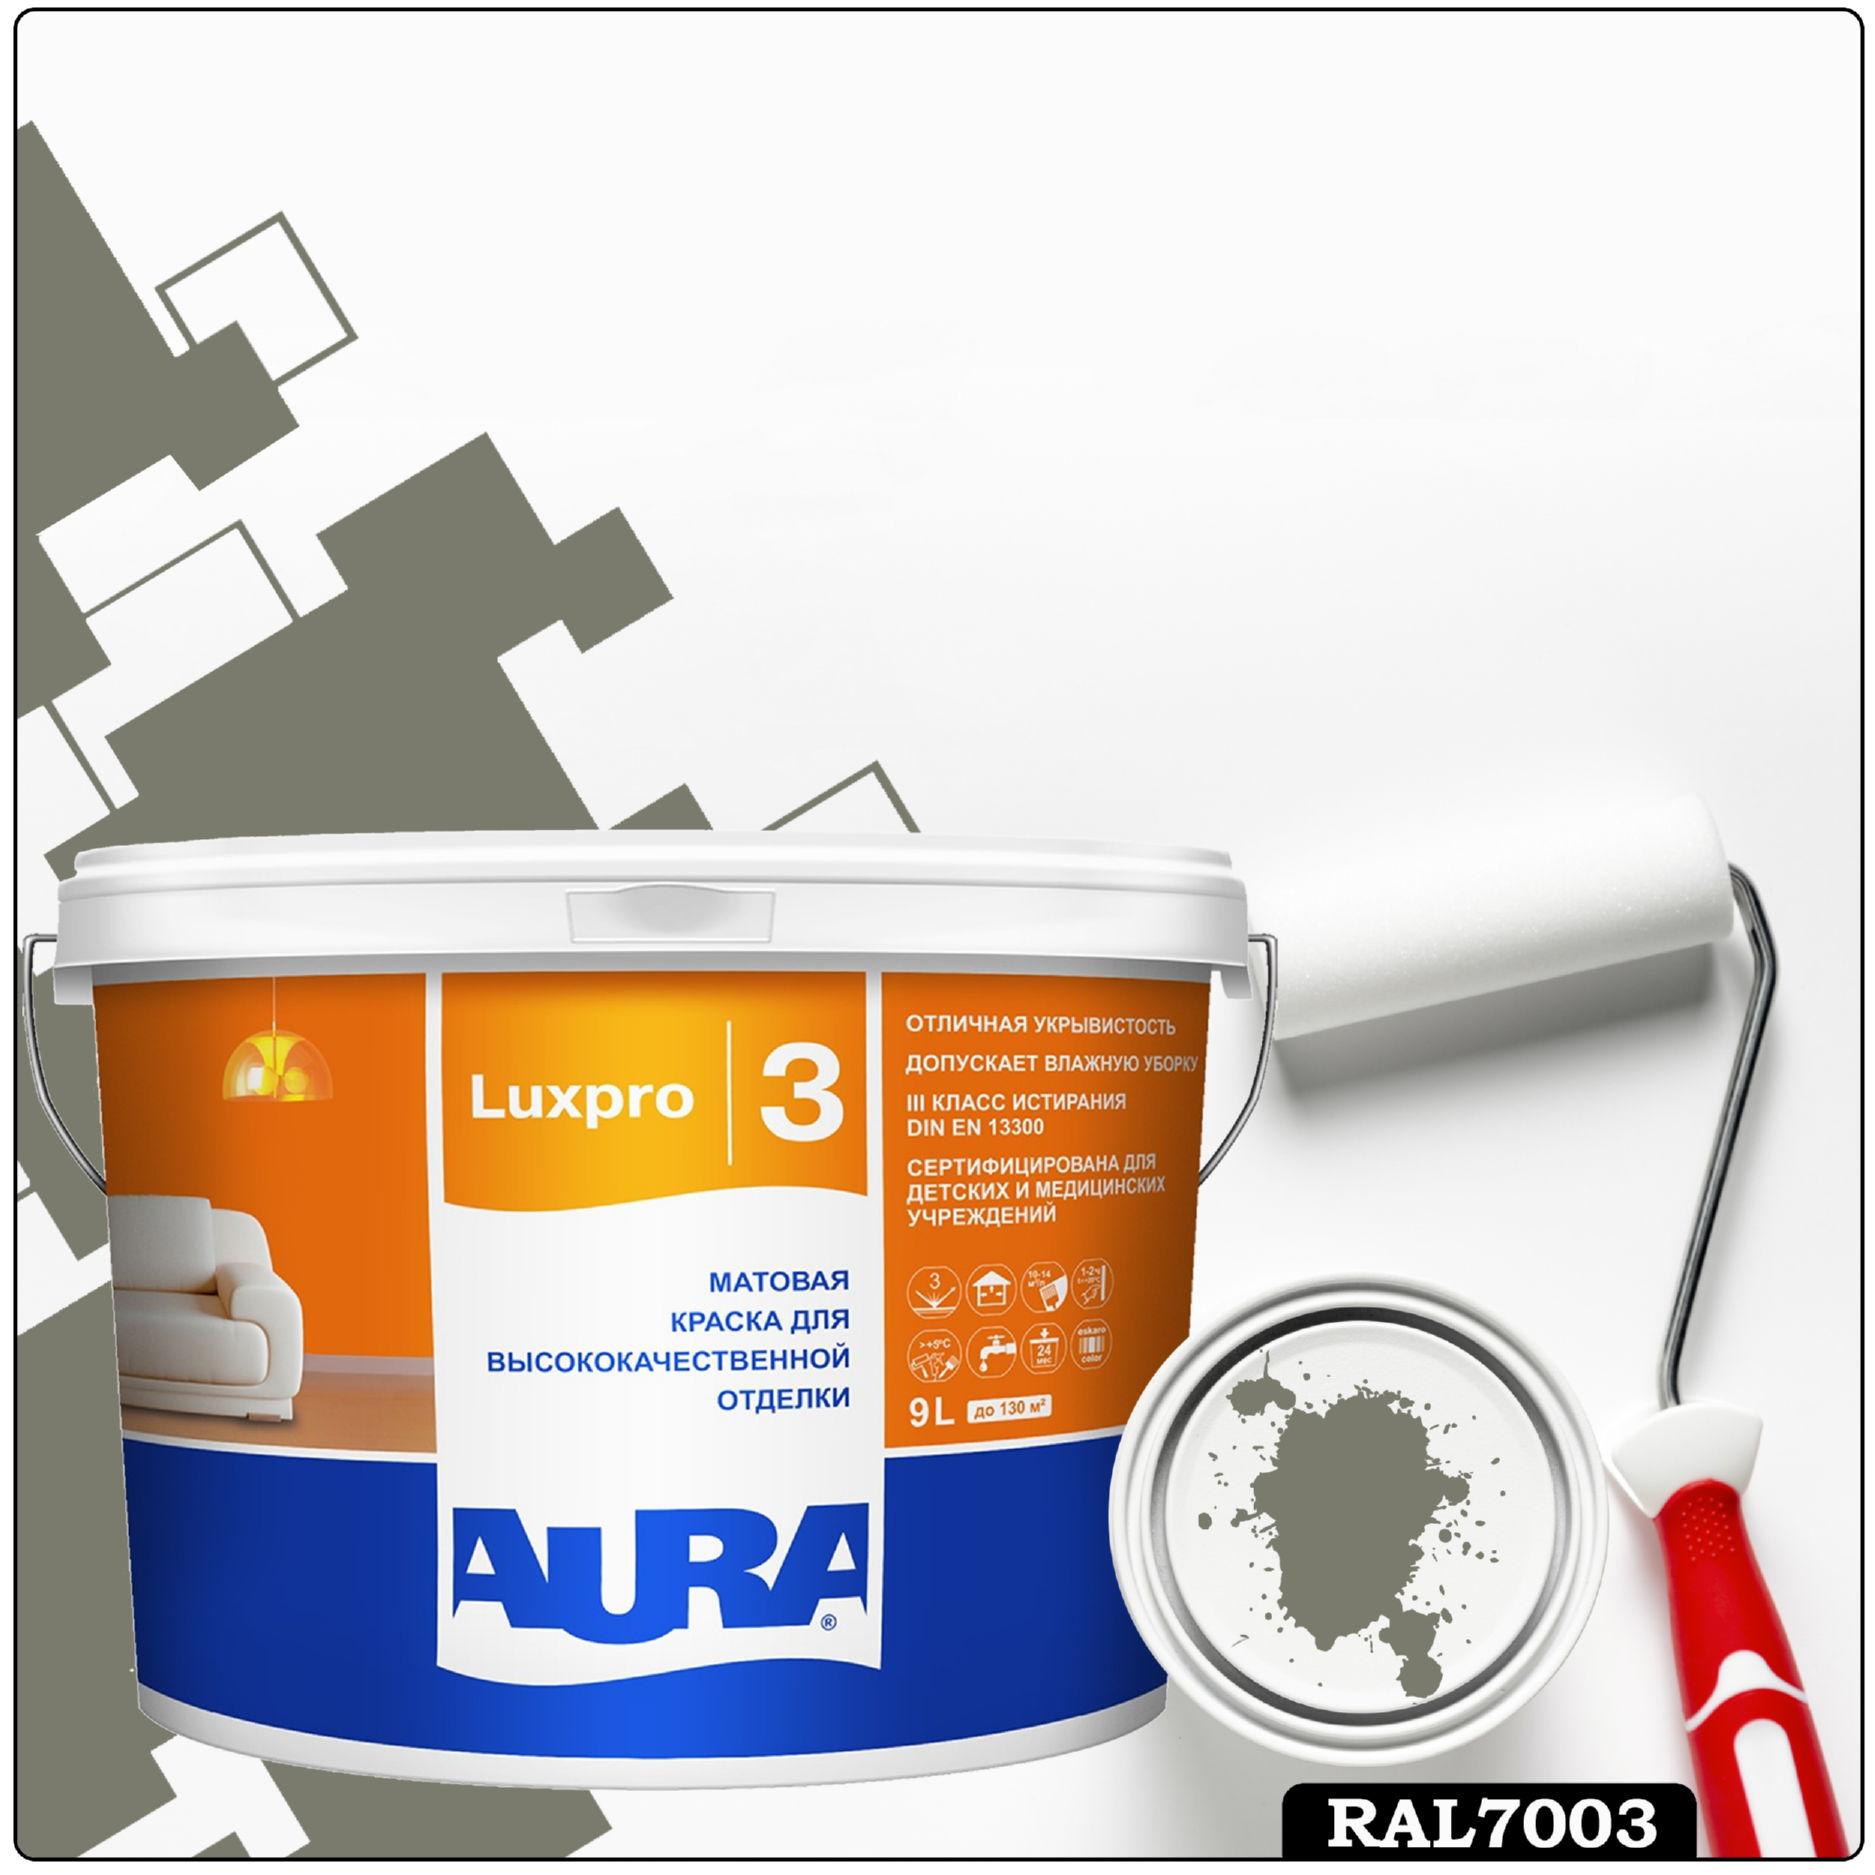 Фото 4 - Краска Aura LuxPRO 3, RAL 7003 Серый мох, латексная, шелково-матовая, интерьерная, 9л, Аура.